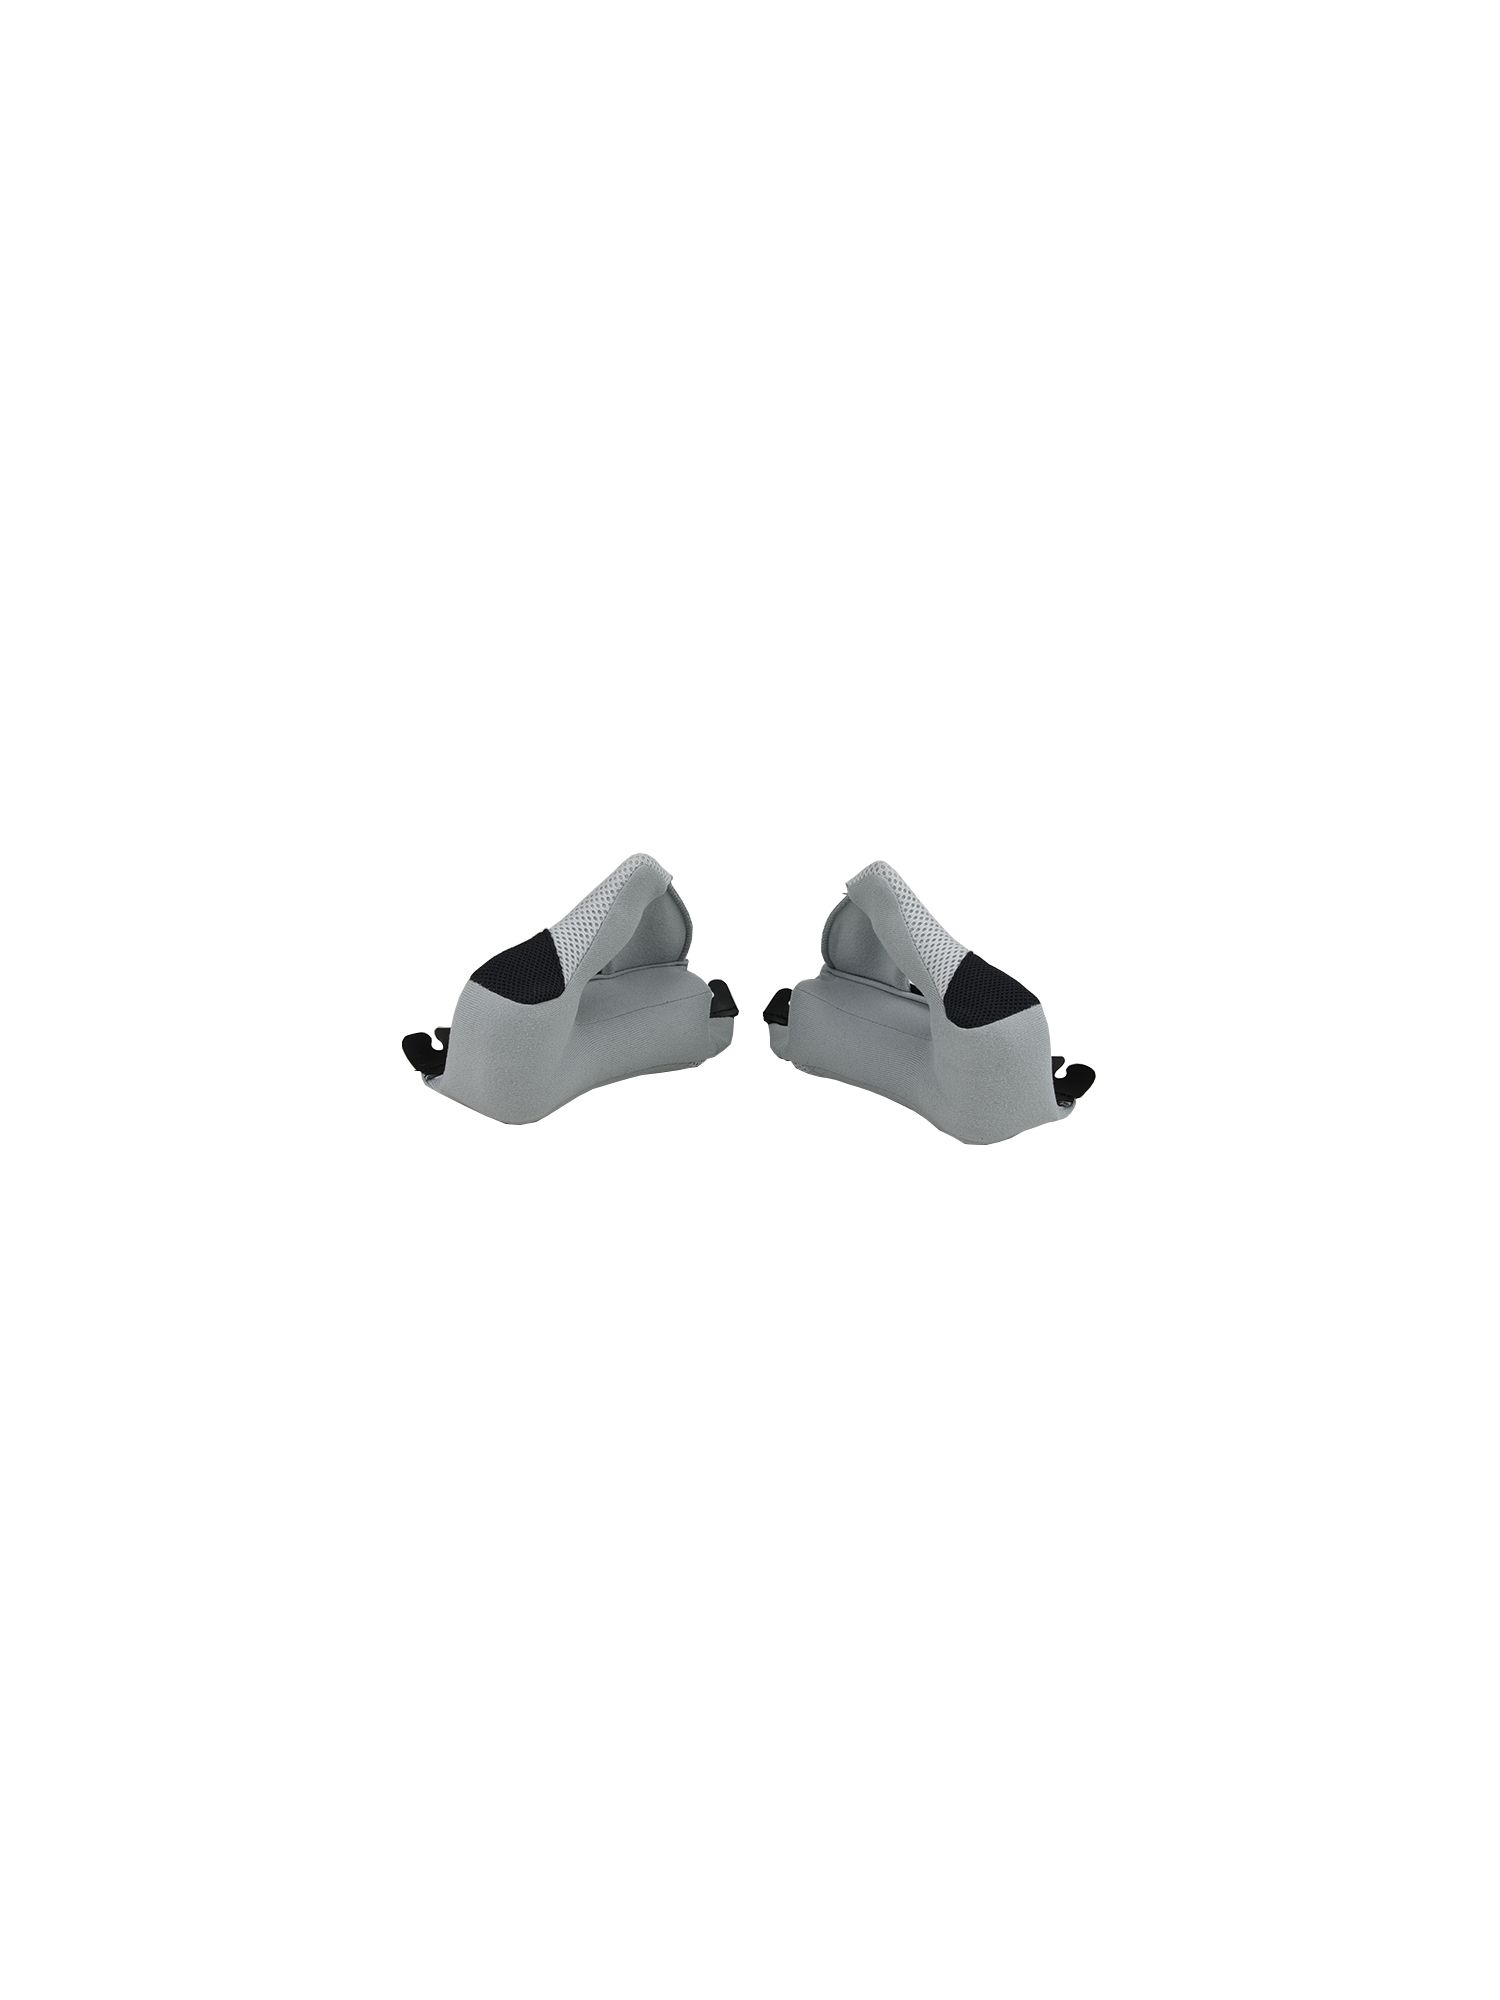 HJP493 | チークパッド:i50 オプション